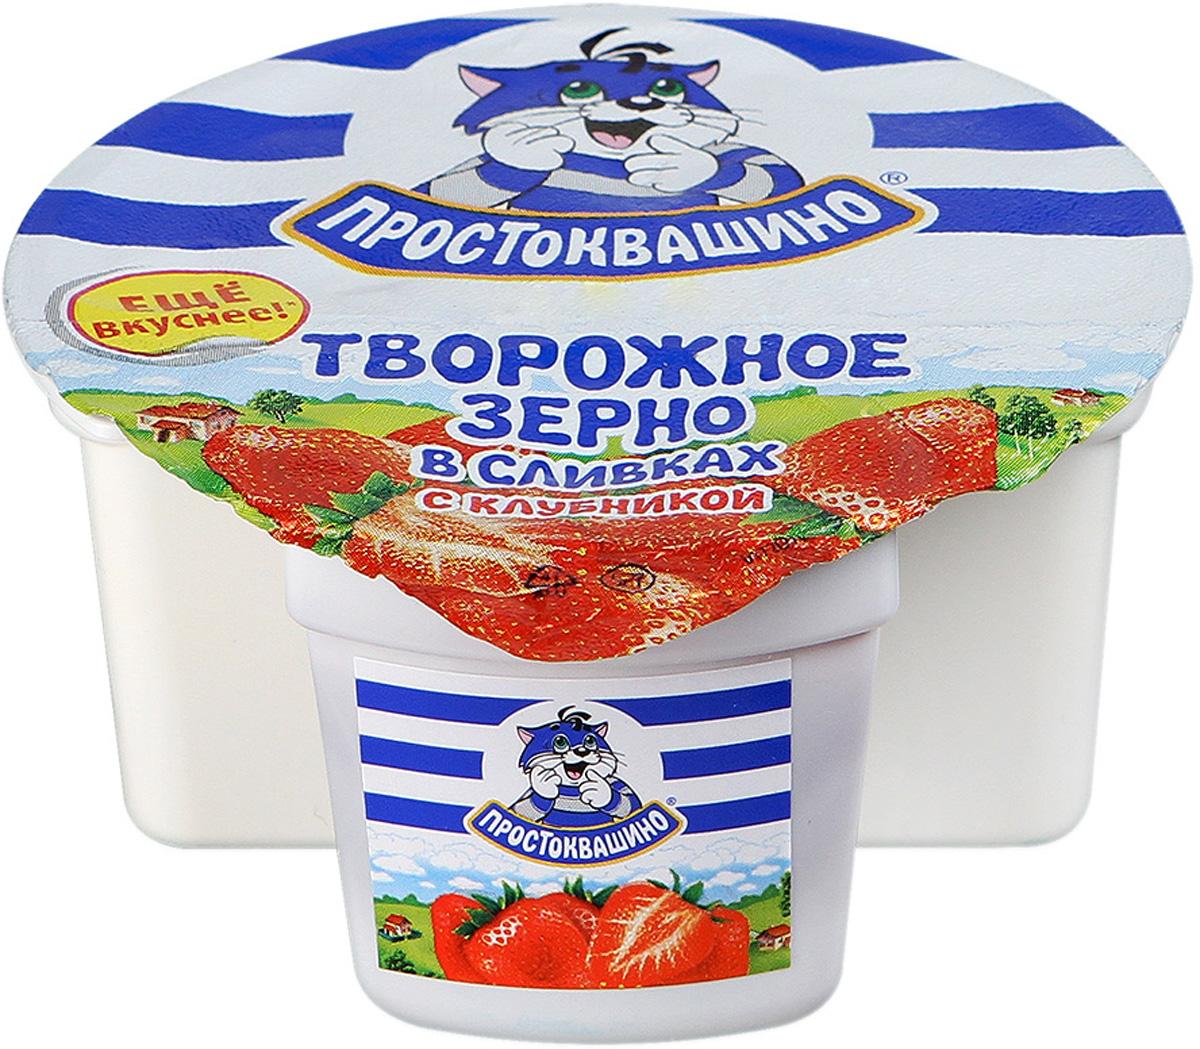 Простоквашино Продукт творожный зерненый Клубника 7%, 150 г простоквашино простокваша термостатная 4% 250 г